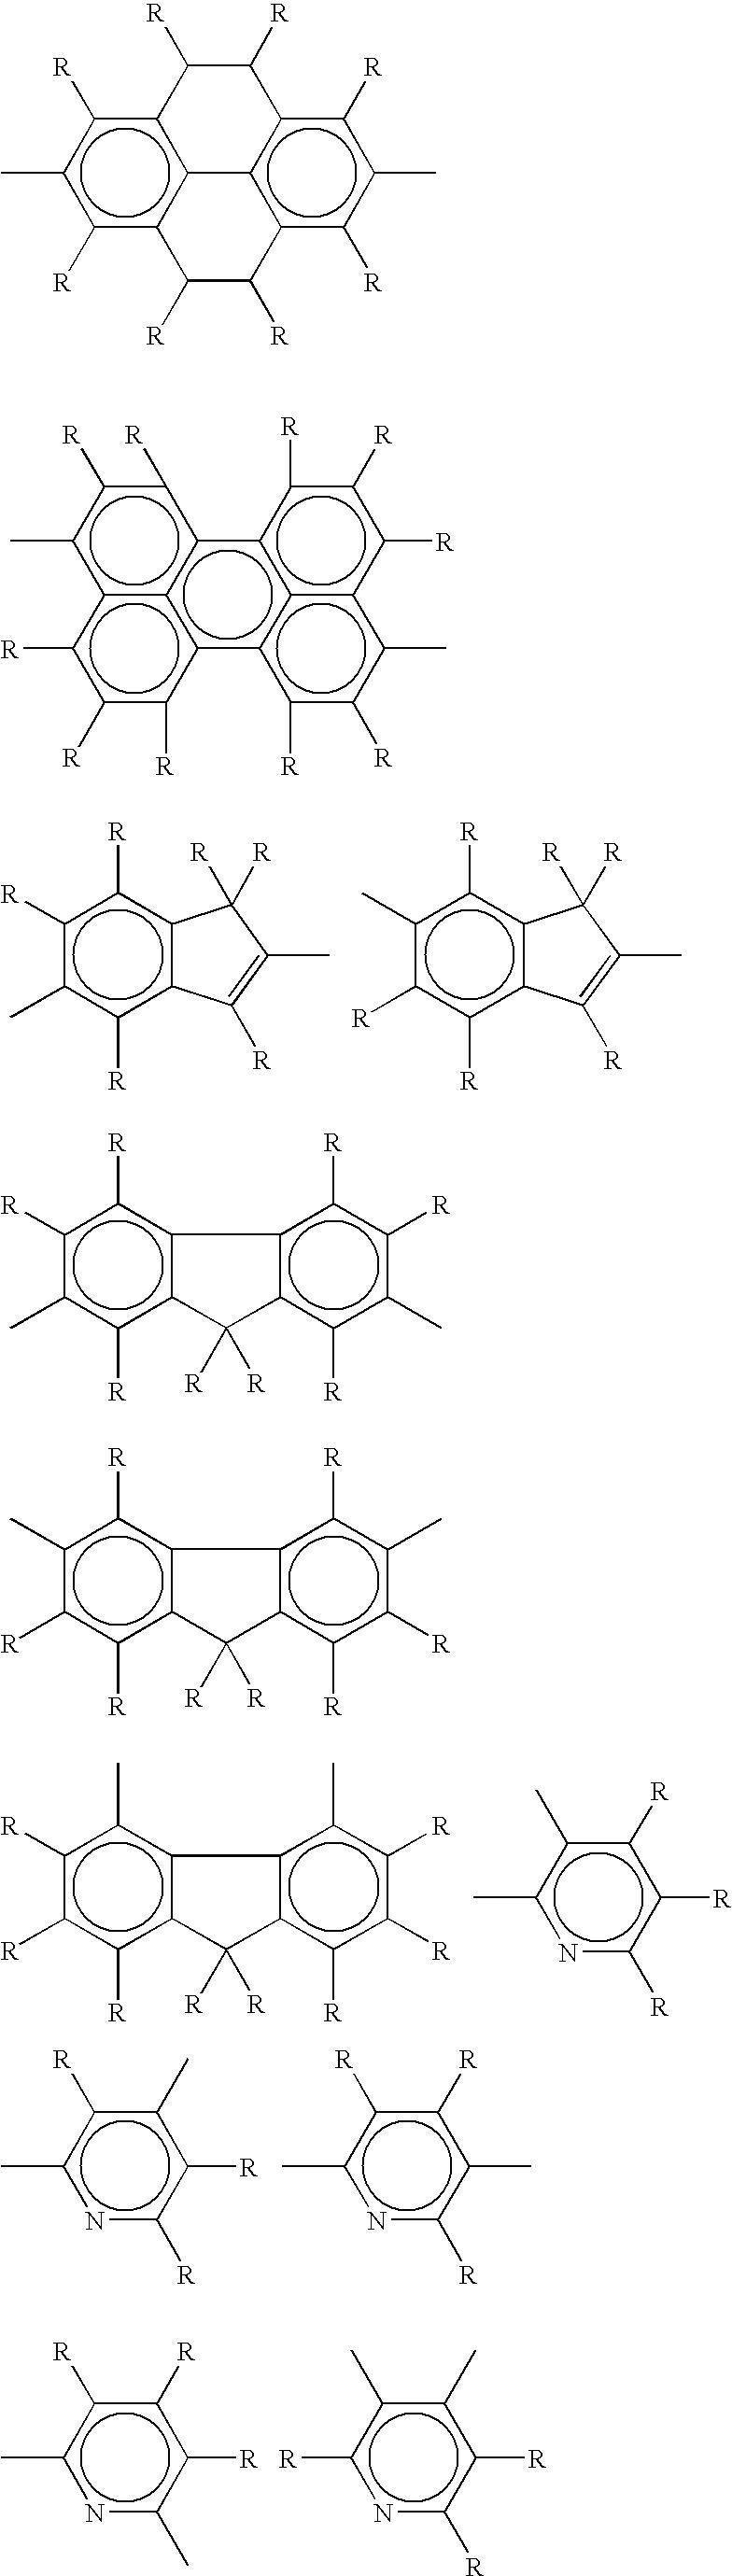 Figure US20070248842A1-20071025-C00007